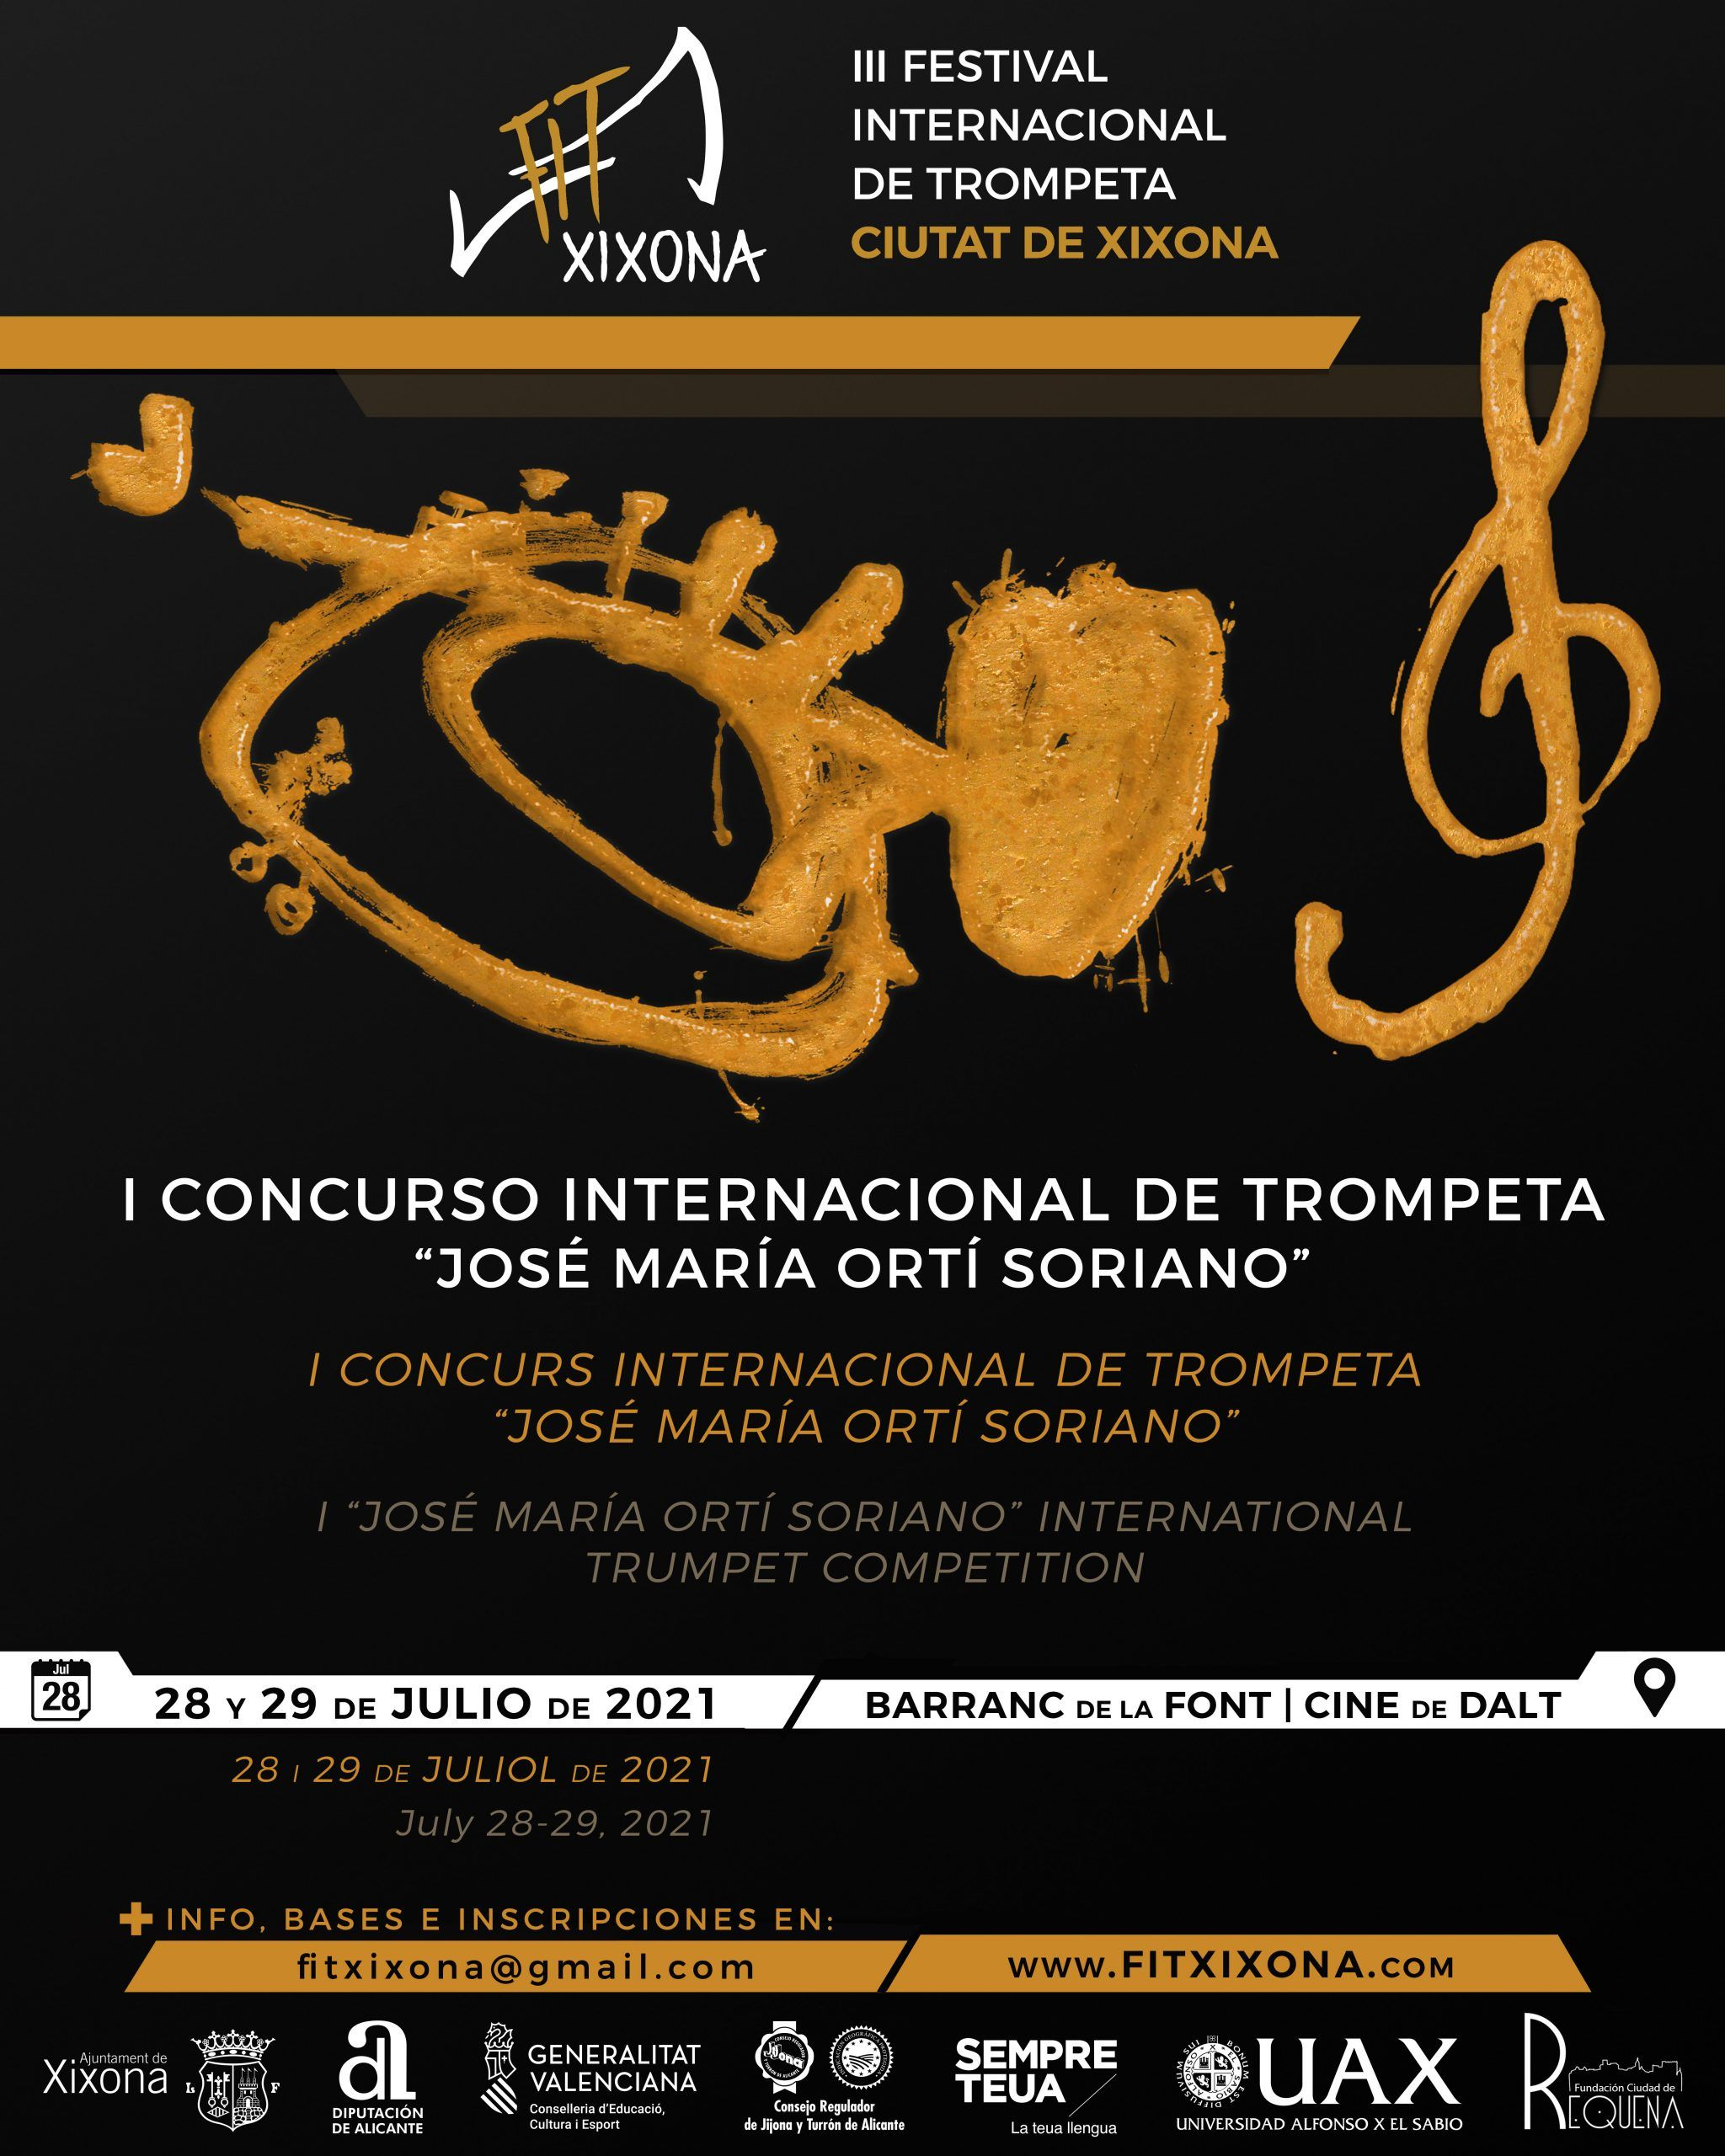 Cartel-Concurso-Internacional-de-Trompeta-José María-Ortí-Soriano-Festival-Internacional-de-trompeta-Ciutat-de-Xixona